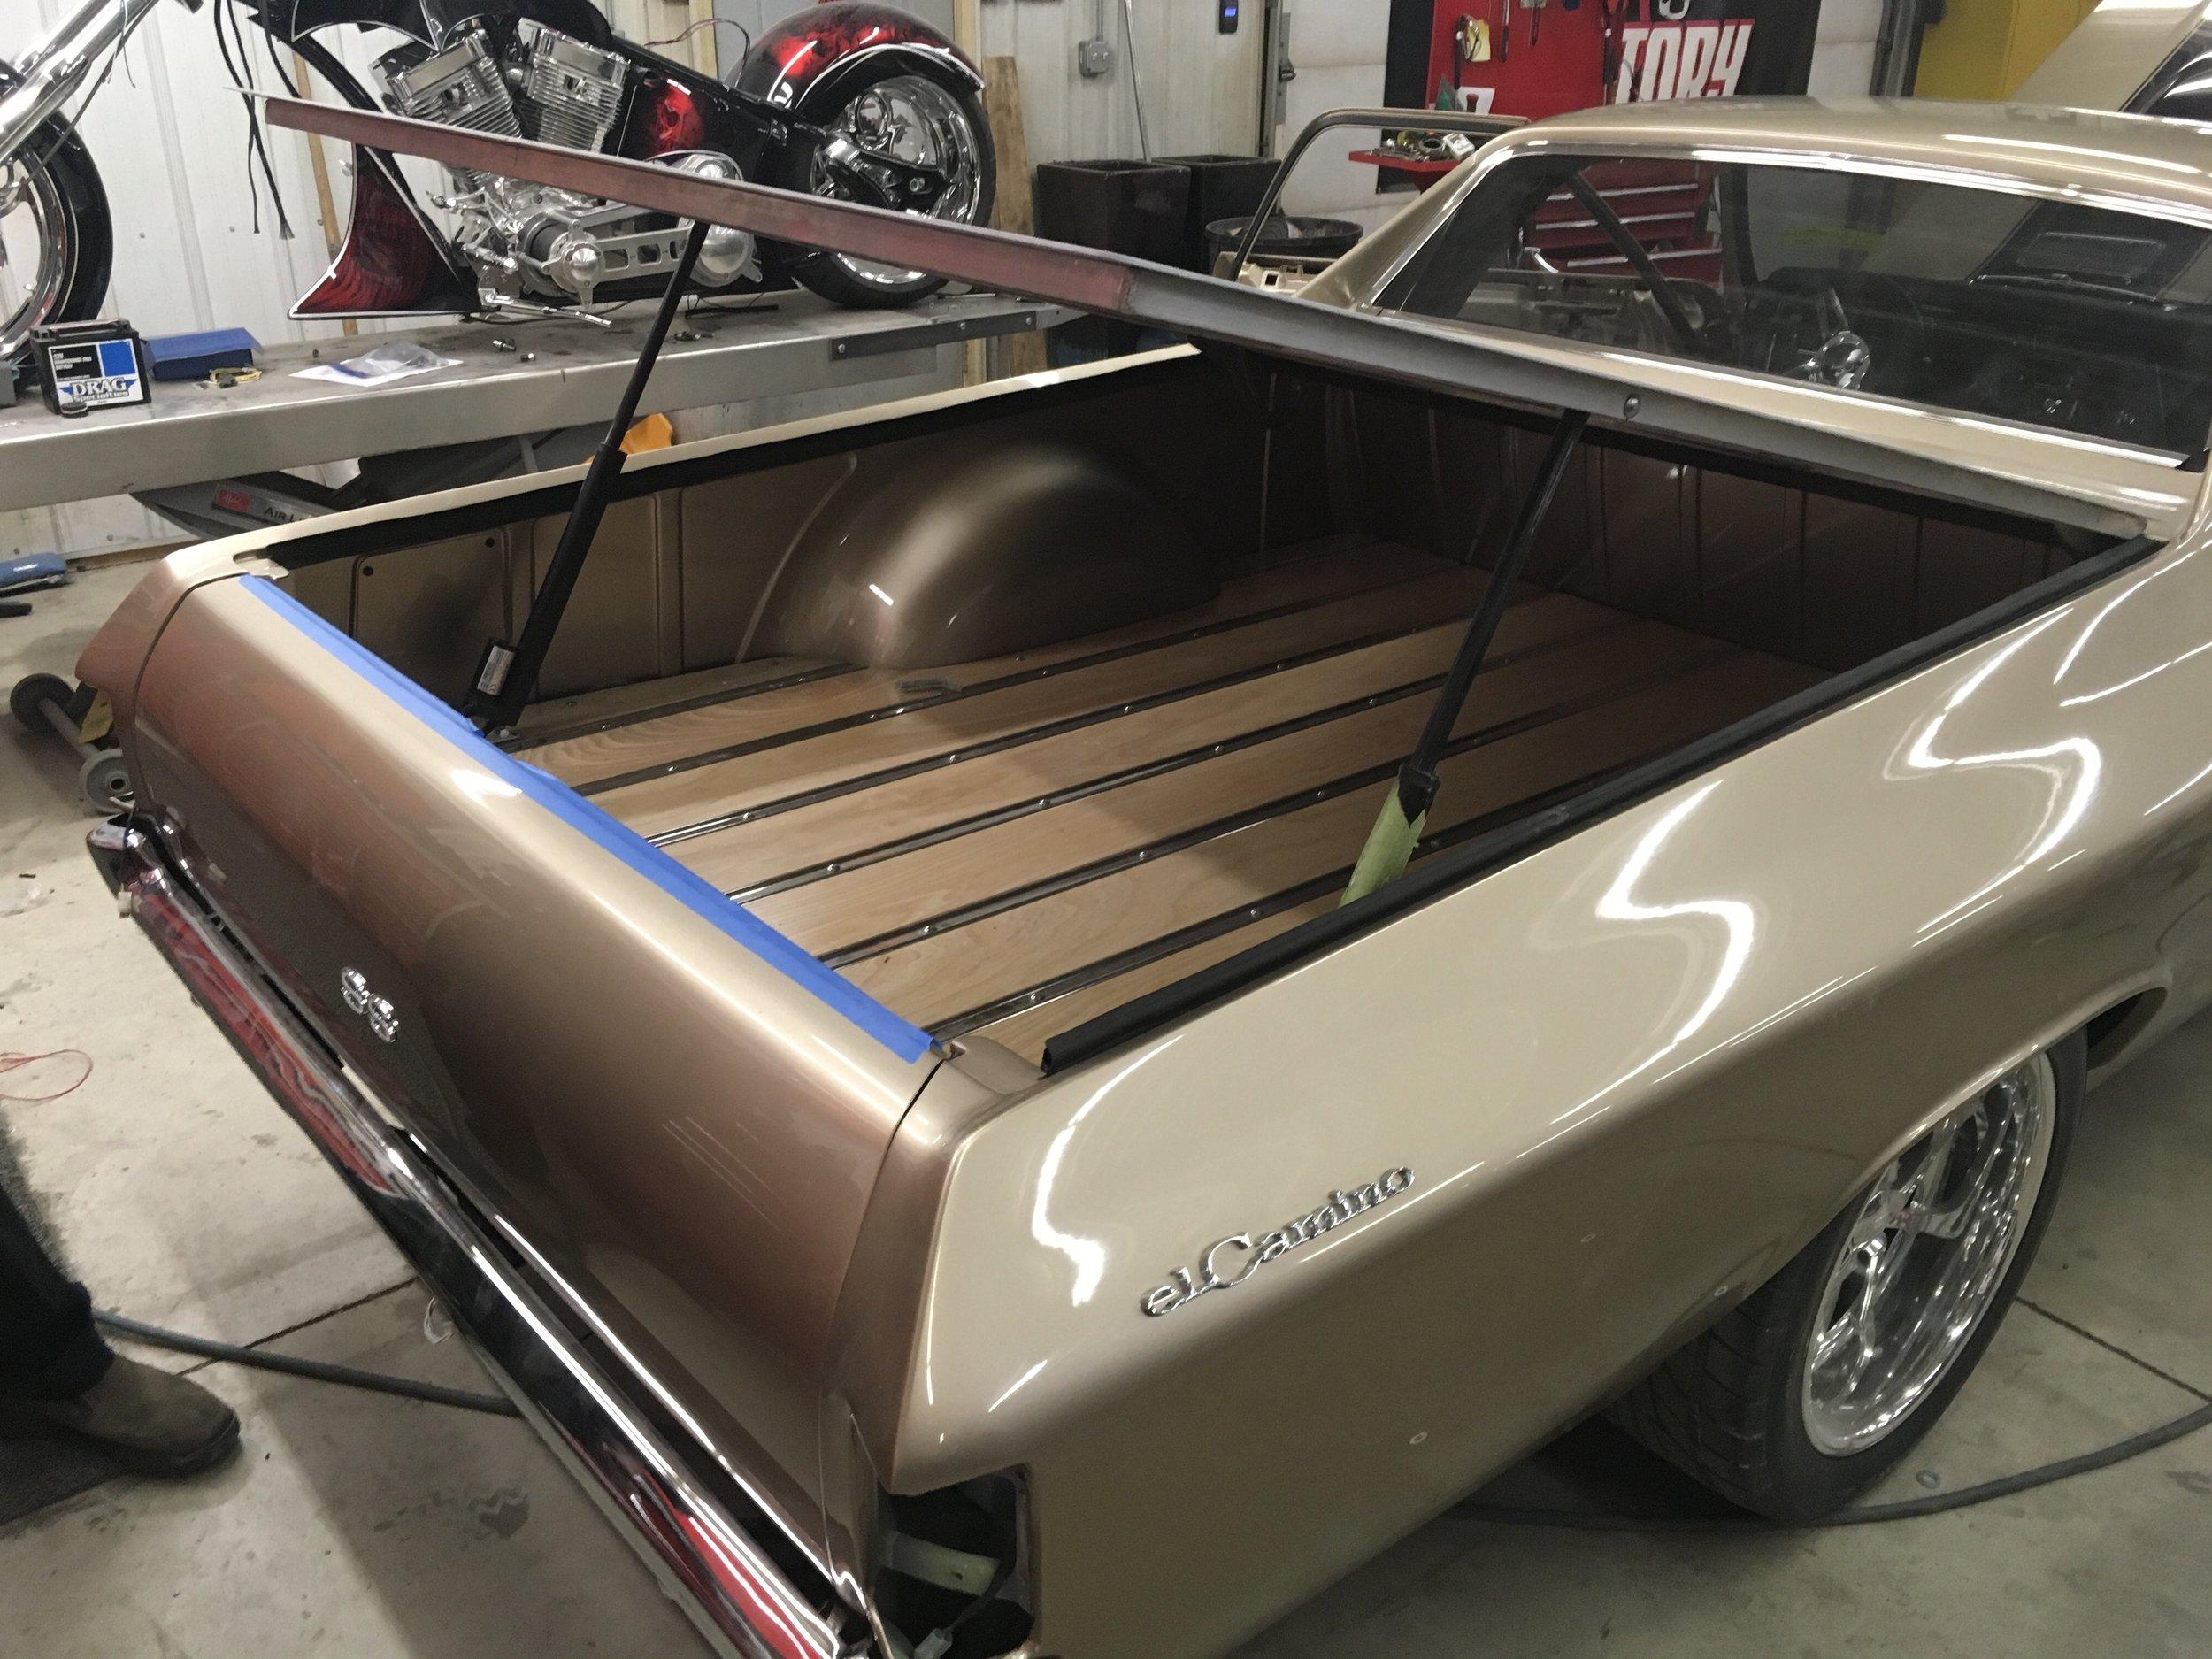 1968-El-Camino-minneapolis-hot-rod-restoration-custom-build-35.jpg